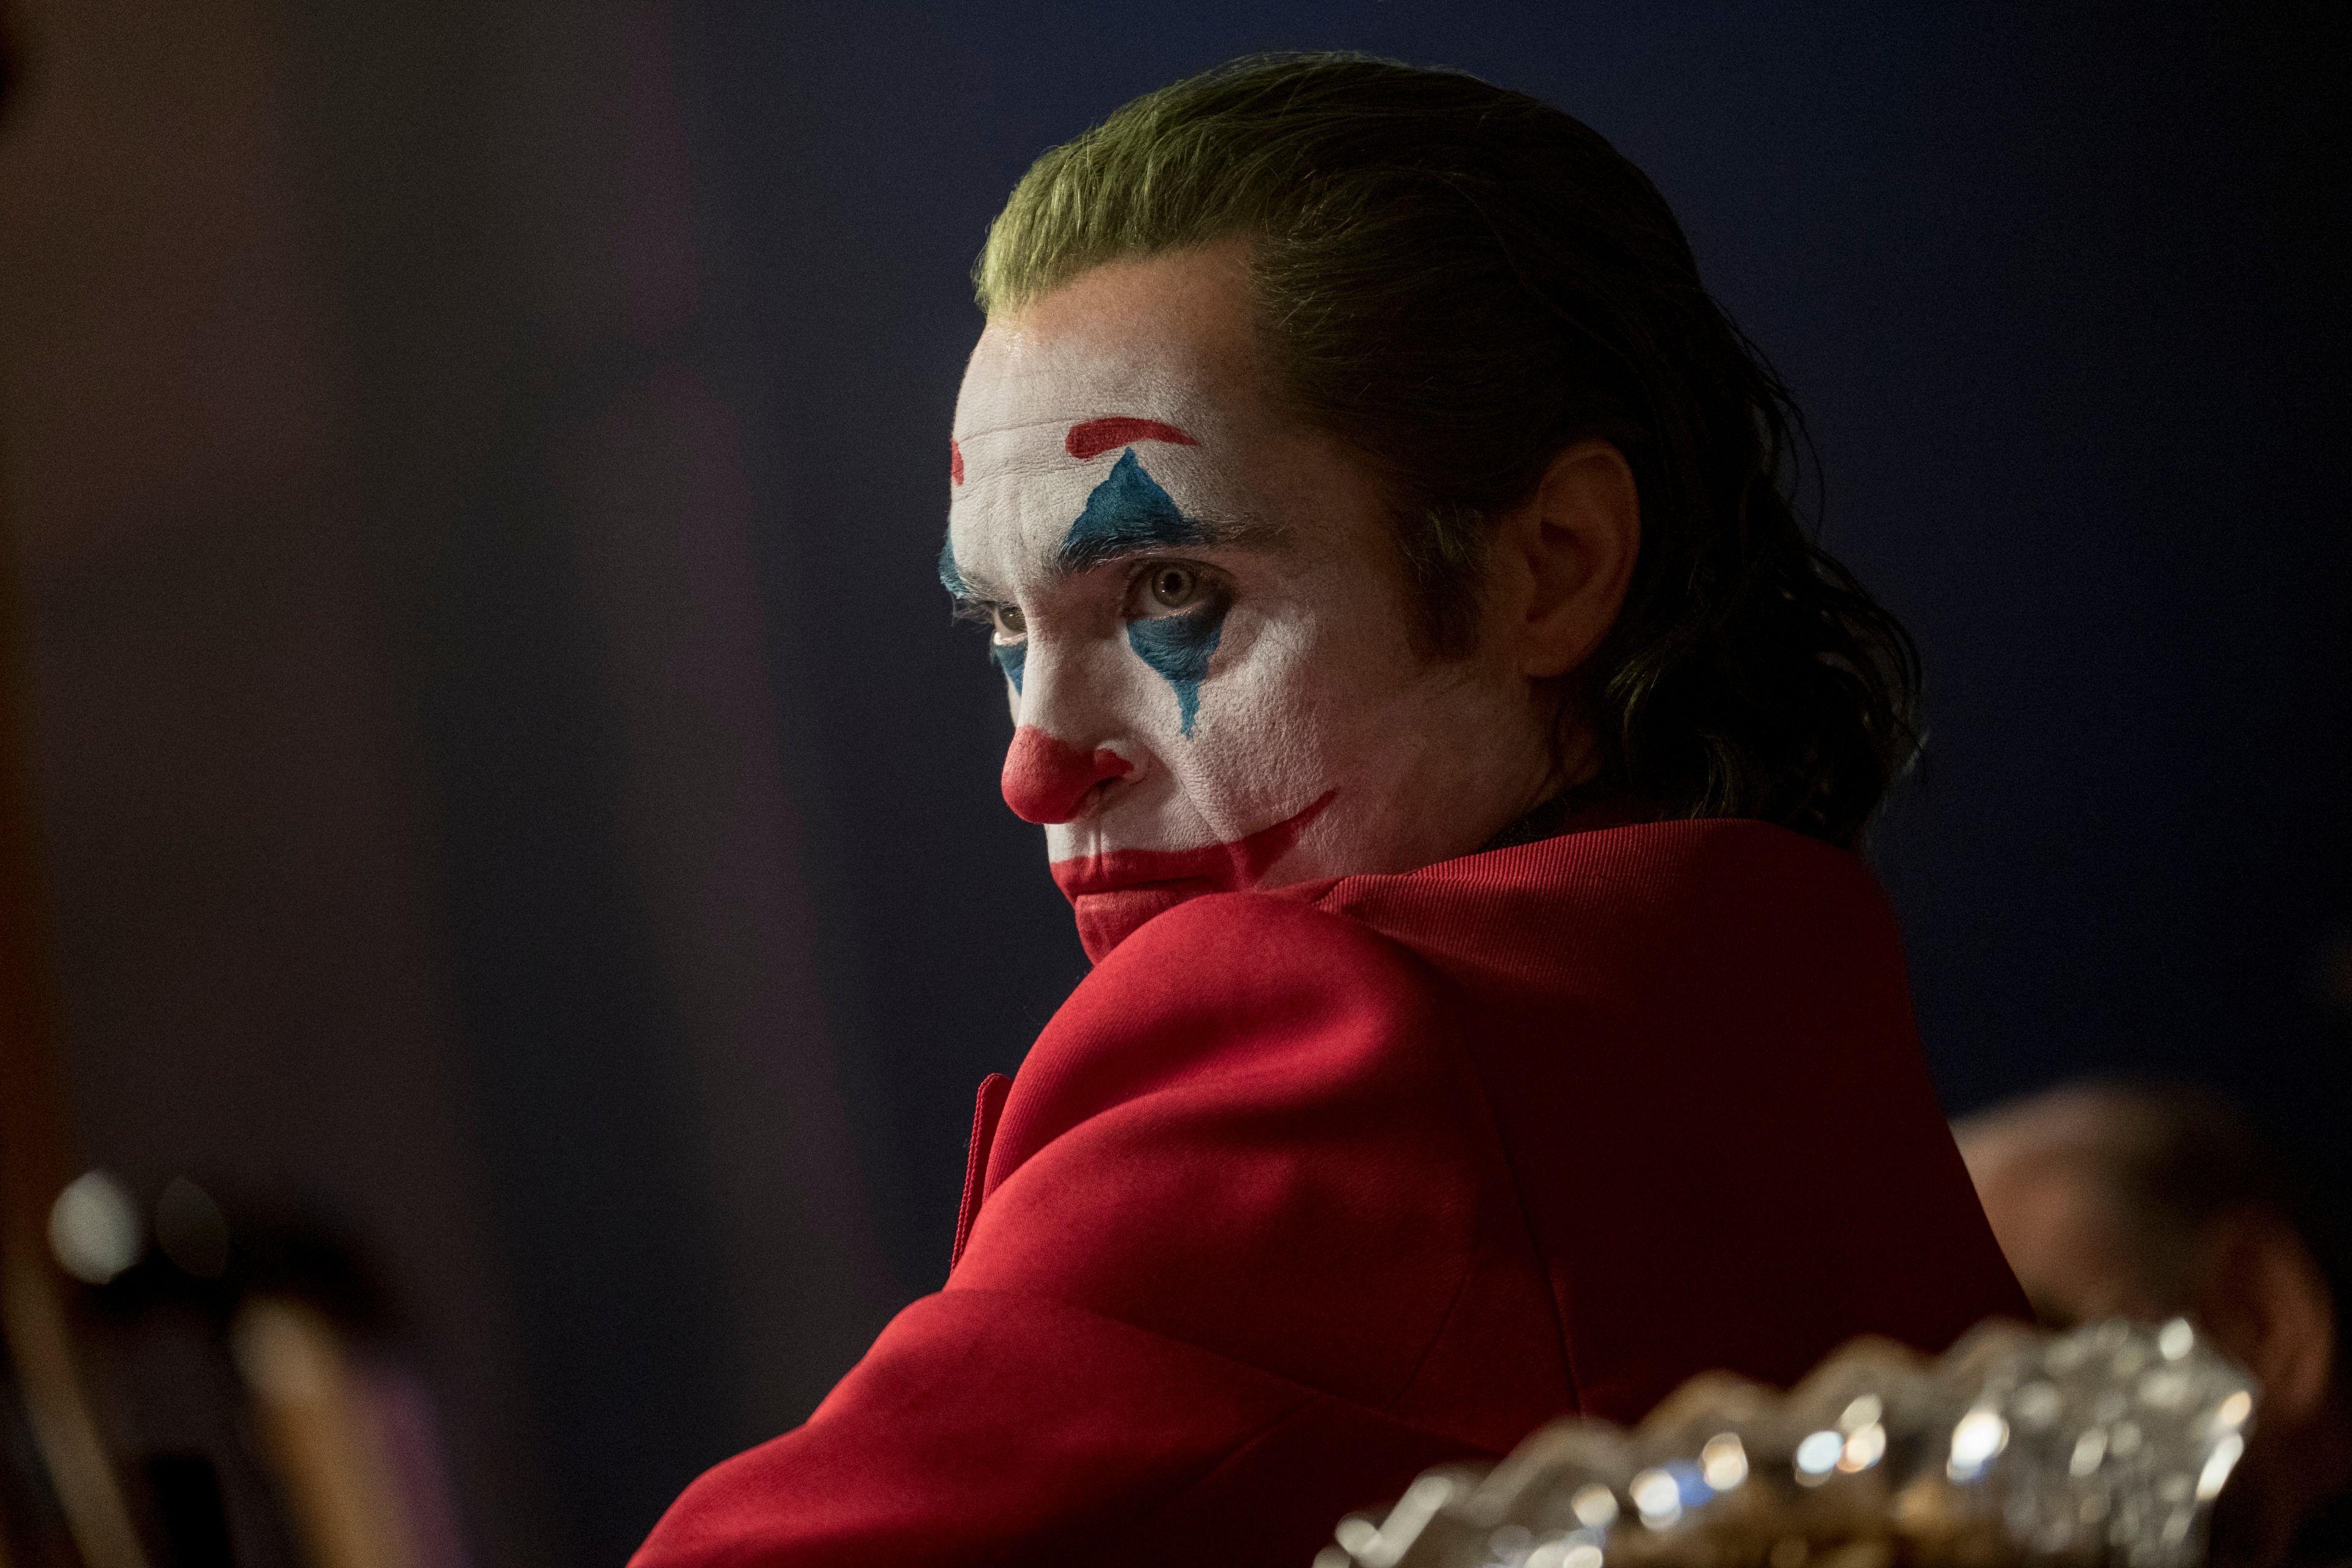 মোশন পিকচারে সেরা অভিনেতা (ড্রামা) : জাকিন ফিনেক্স, জোকার (ছবি সৌজন্য @Joker)